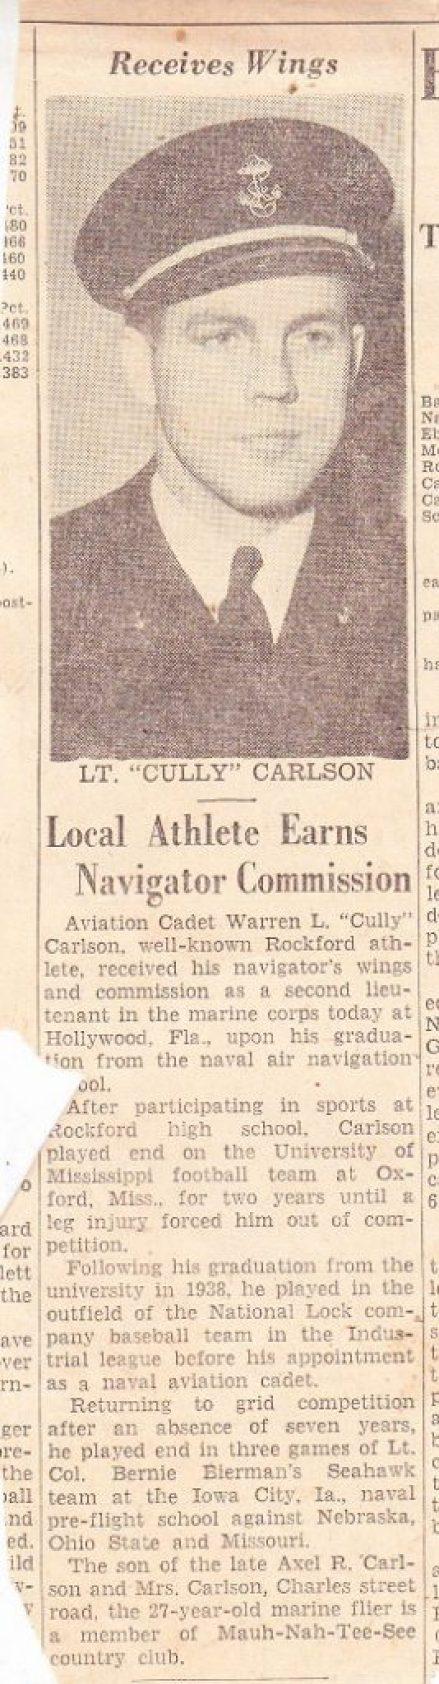 lt-cully-carlson